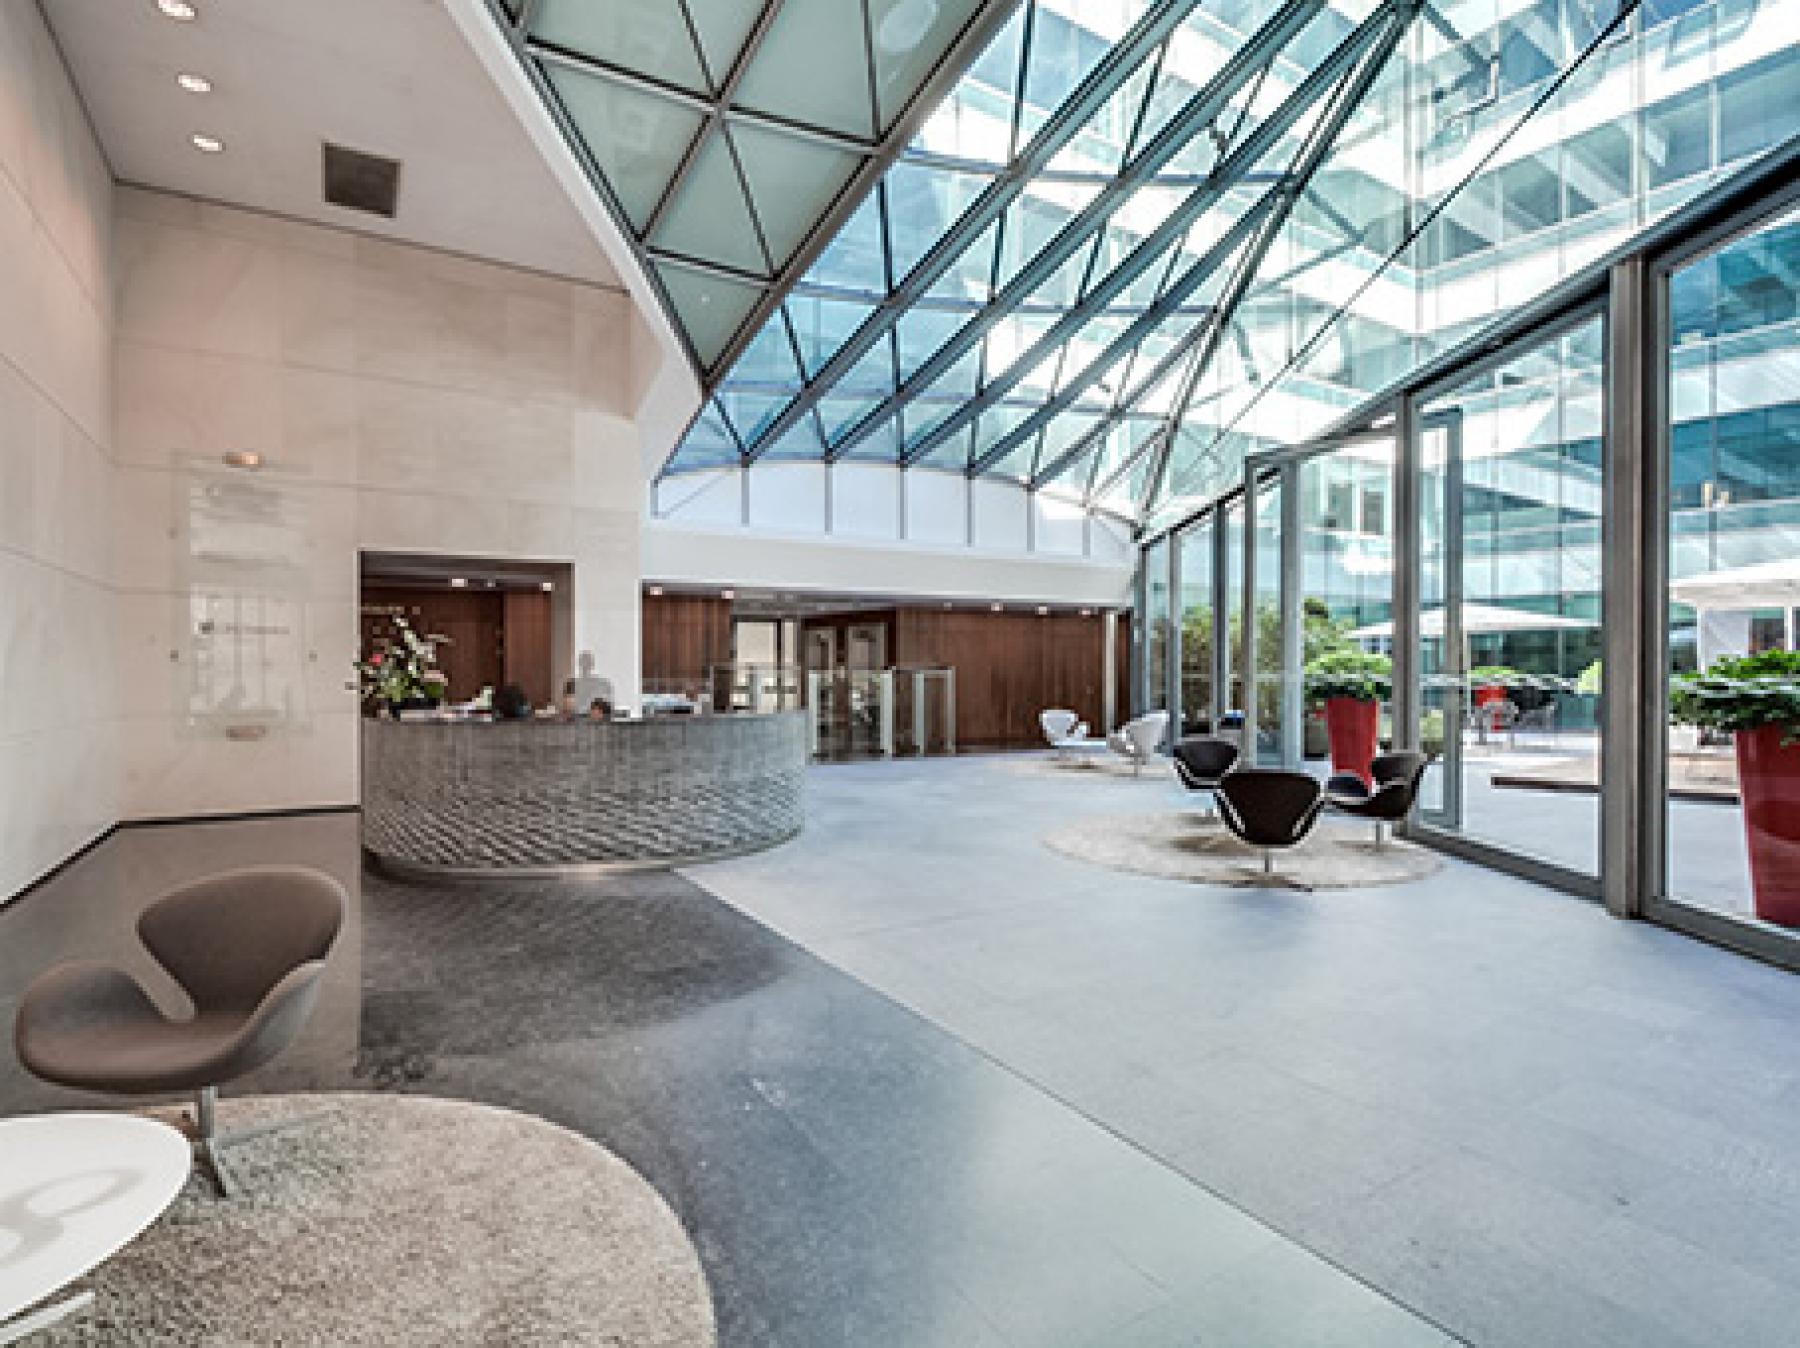 Centre d'affaires avec toit vitré pour plus de lumière naturelle